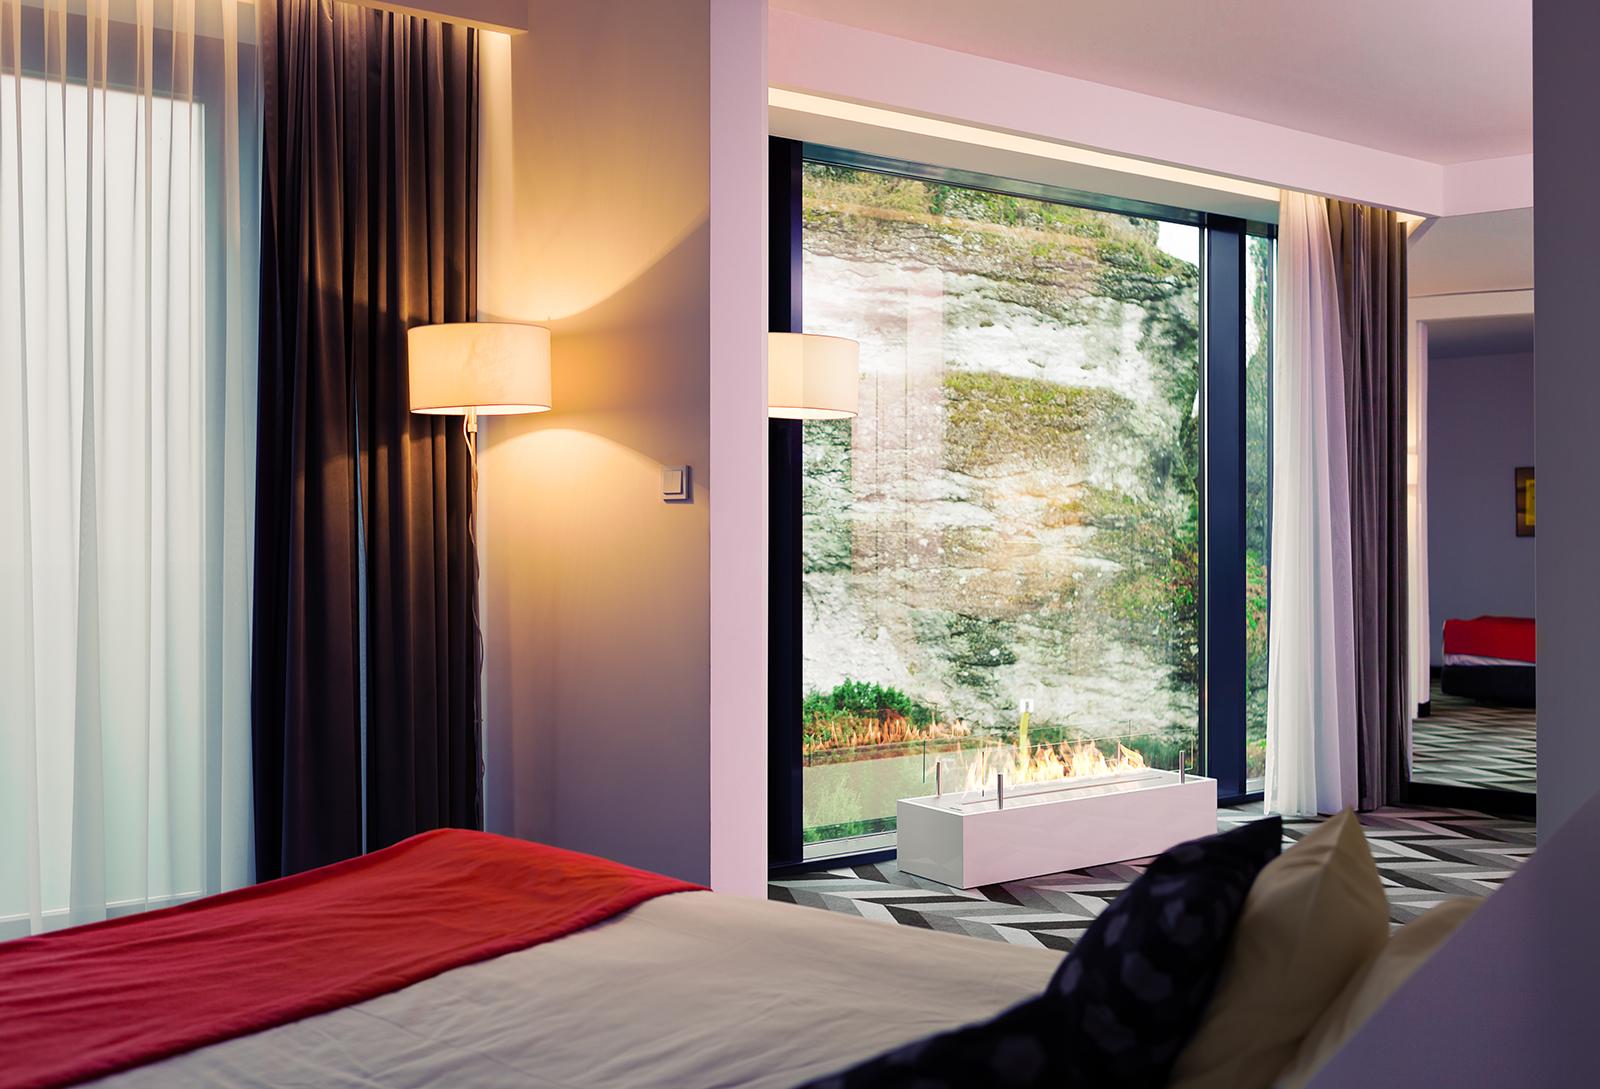 FLA3-Poziom-511-Design-HotelSPA-Podzamcze-Poland-fot.-Michal-Kugacz2.jpg